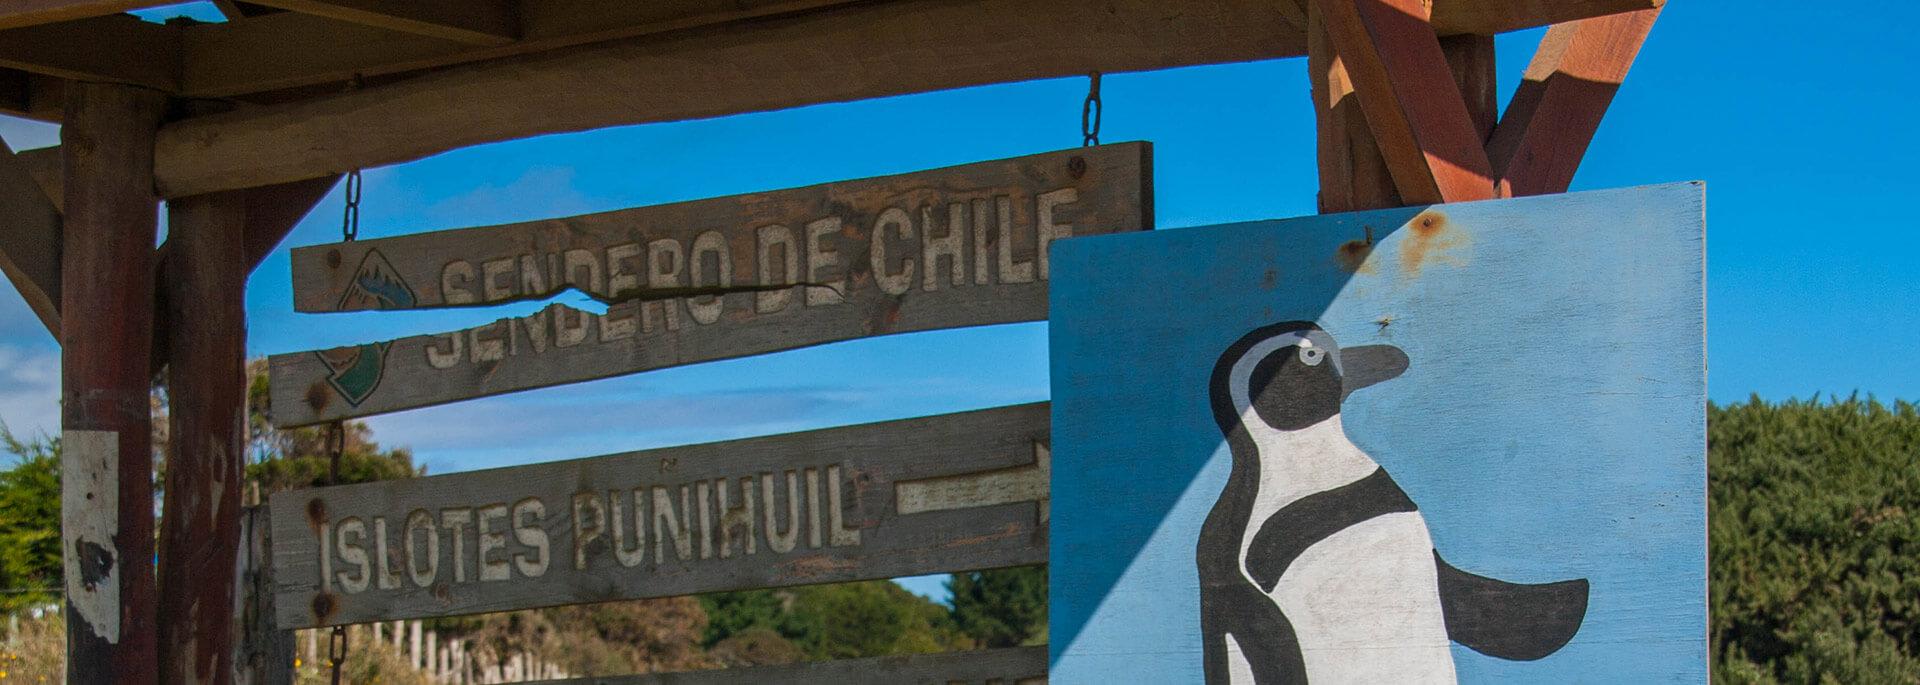 Chiloés Pinguinkolonie vor Puñihuil